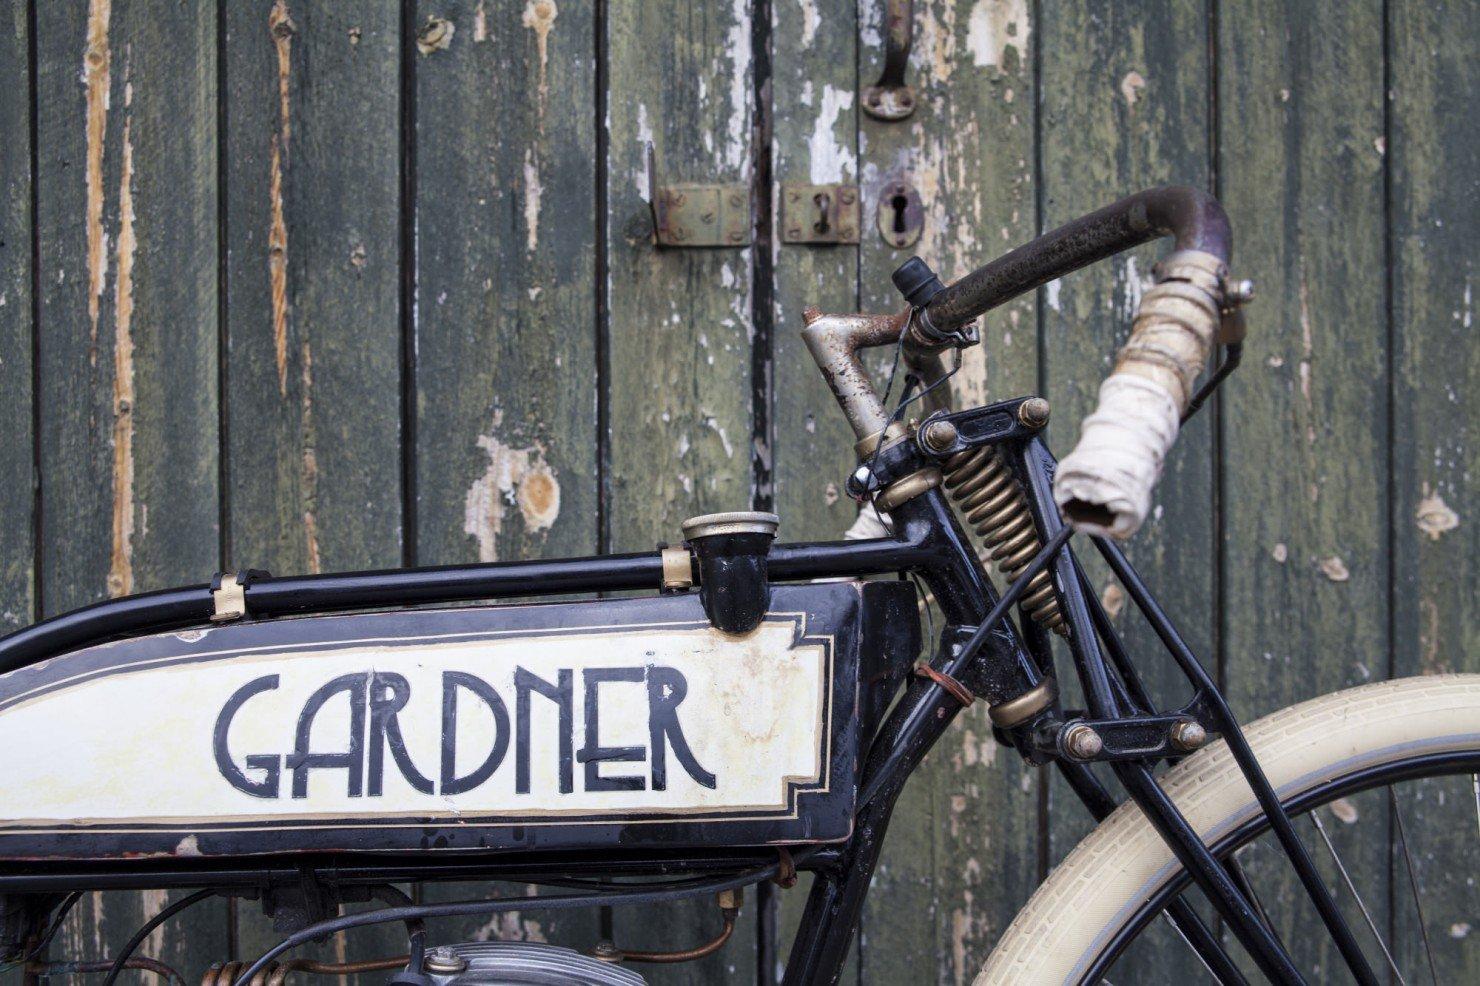 Board-Tracker-Motorcycle-9